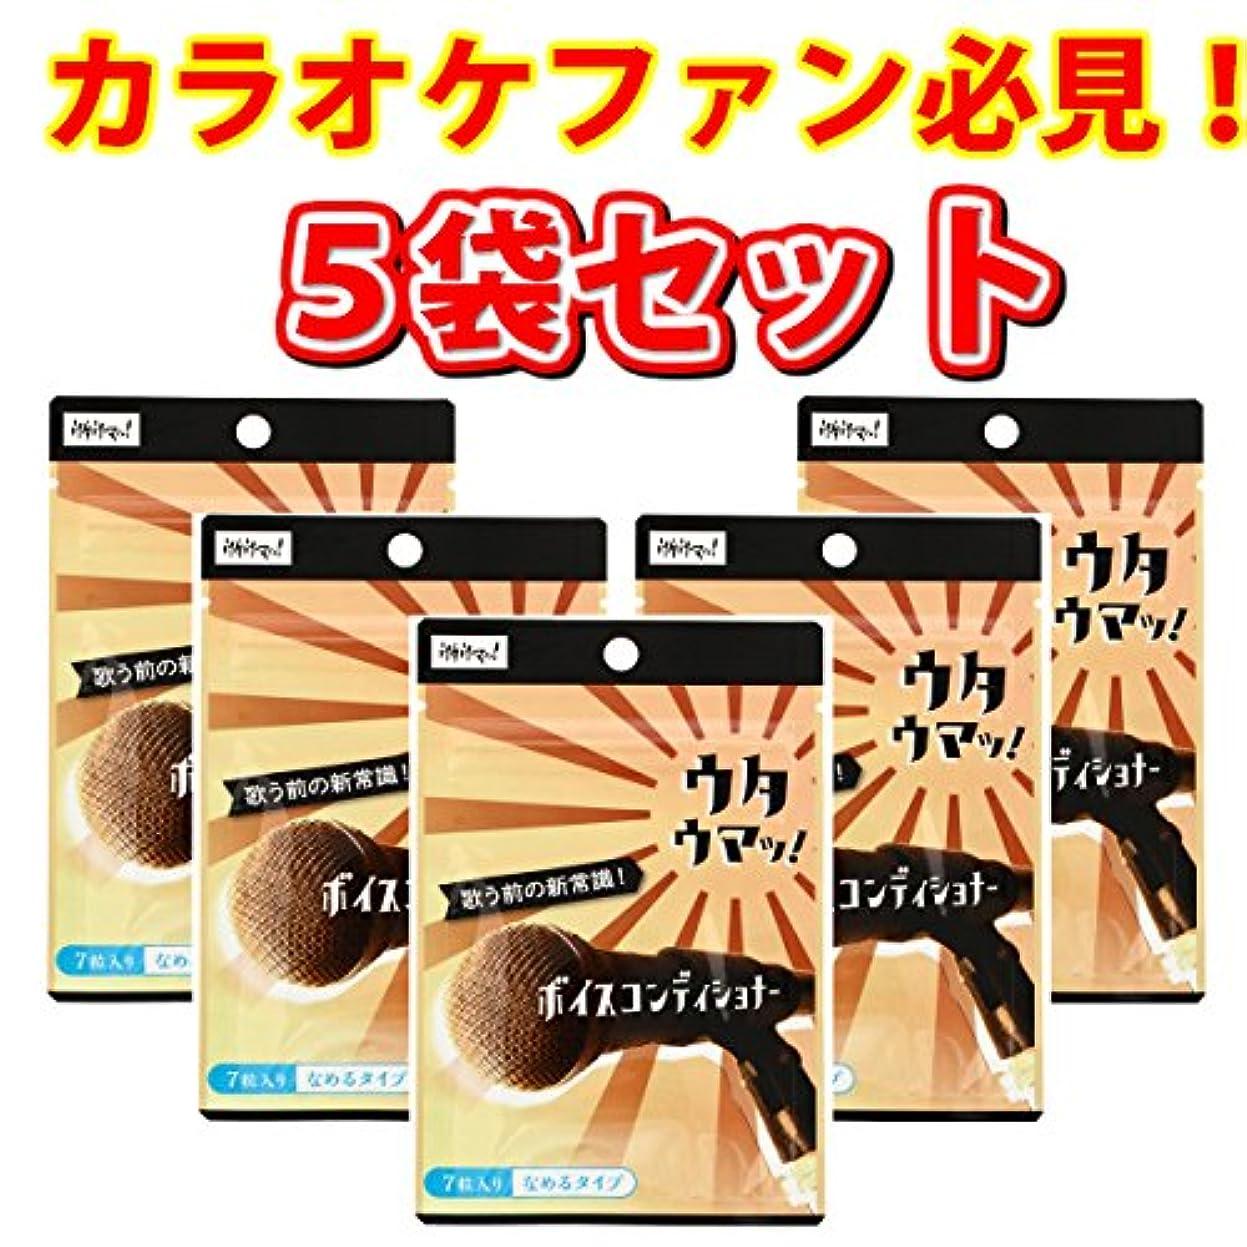 苦情文句ビジョン自動化カラオケサプリの決定版 《ボイスコンディショナー》 ウタウマッ!お得な5袋セット